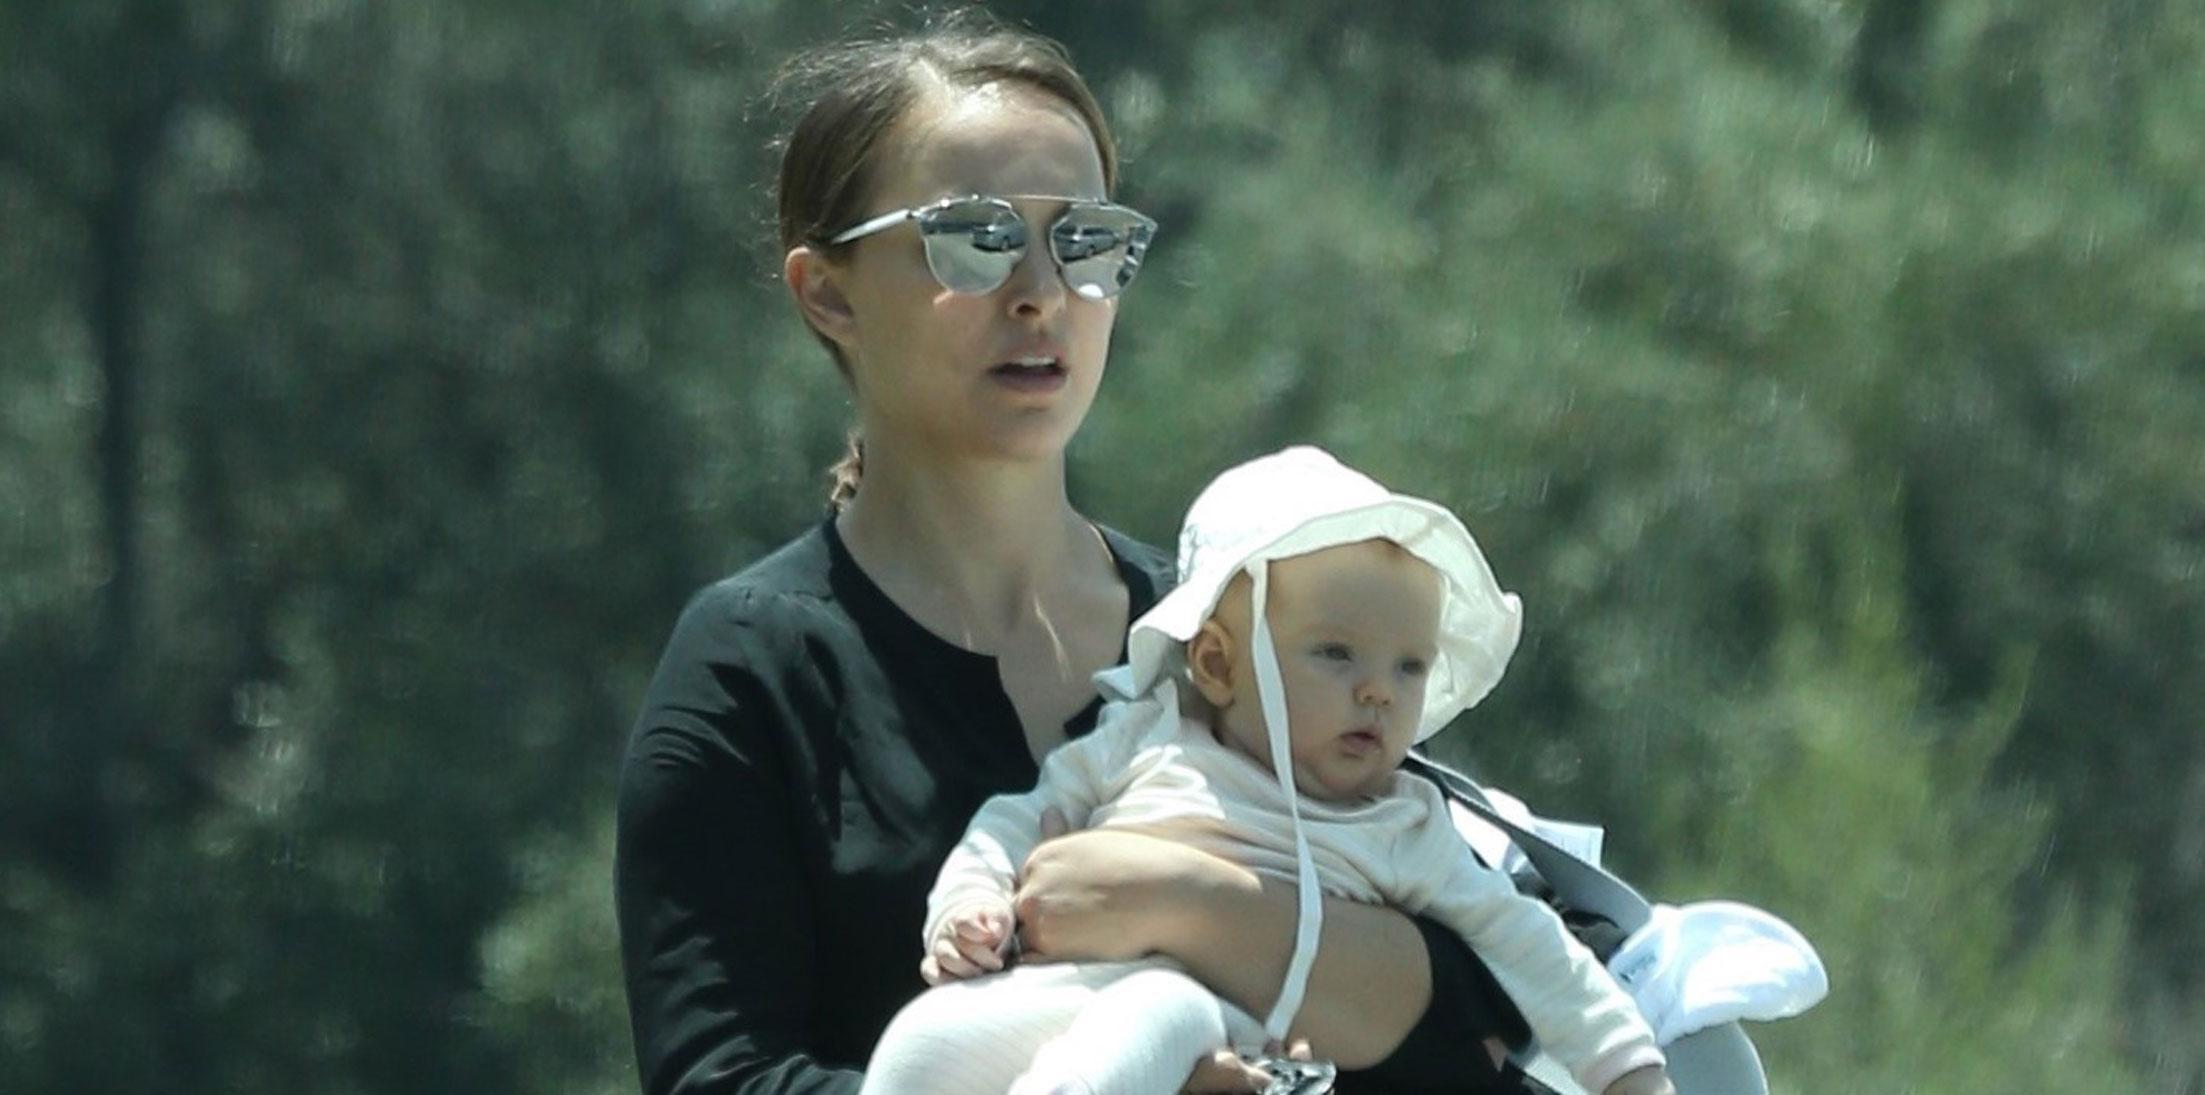 Natalie Portman Daughter Amalia Photos Long